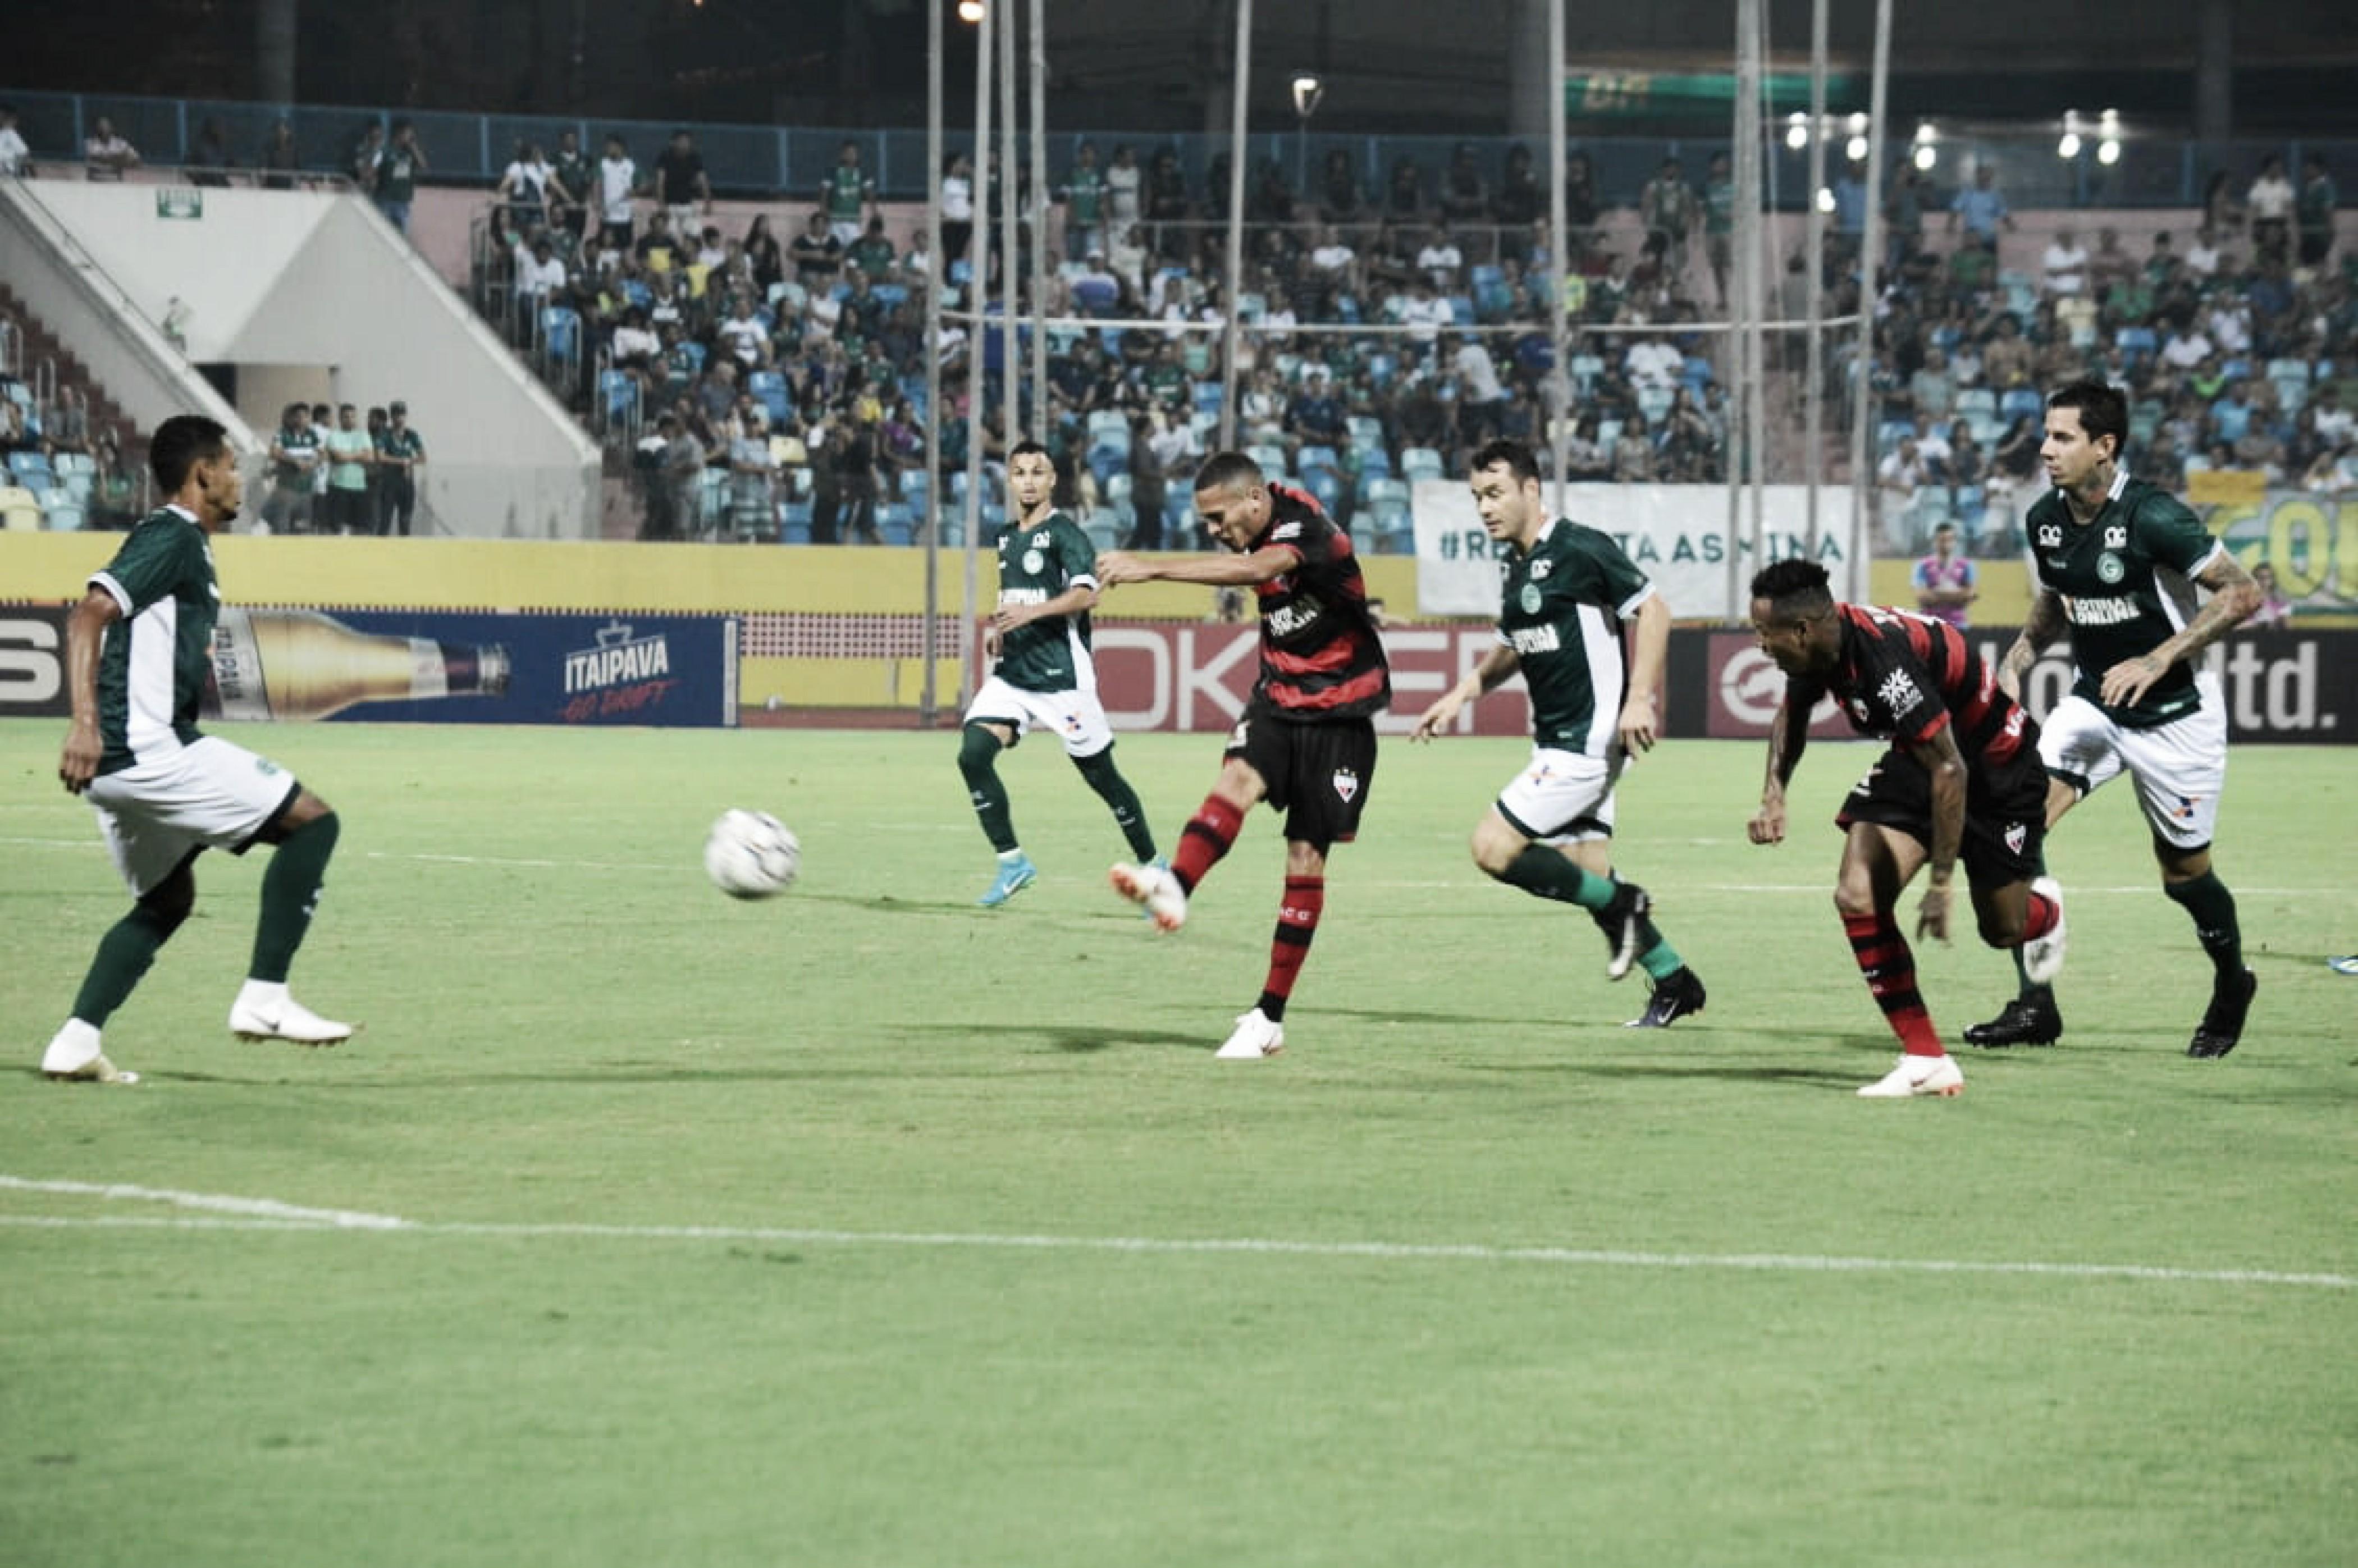 Goiás vence Atlético-GO de virada e chega ao terceiro lugar da Série B